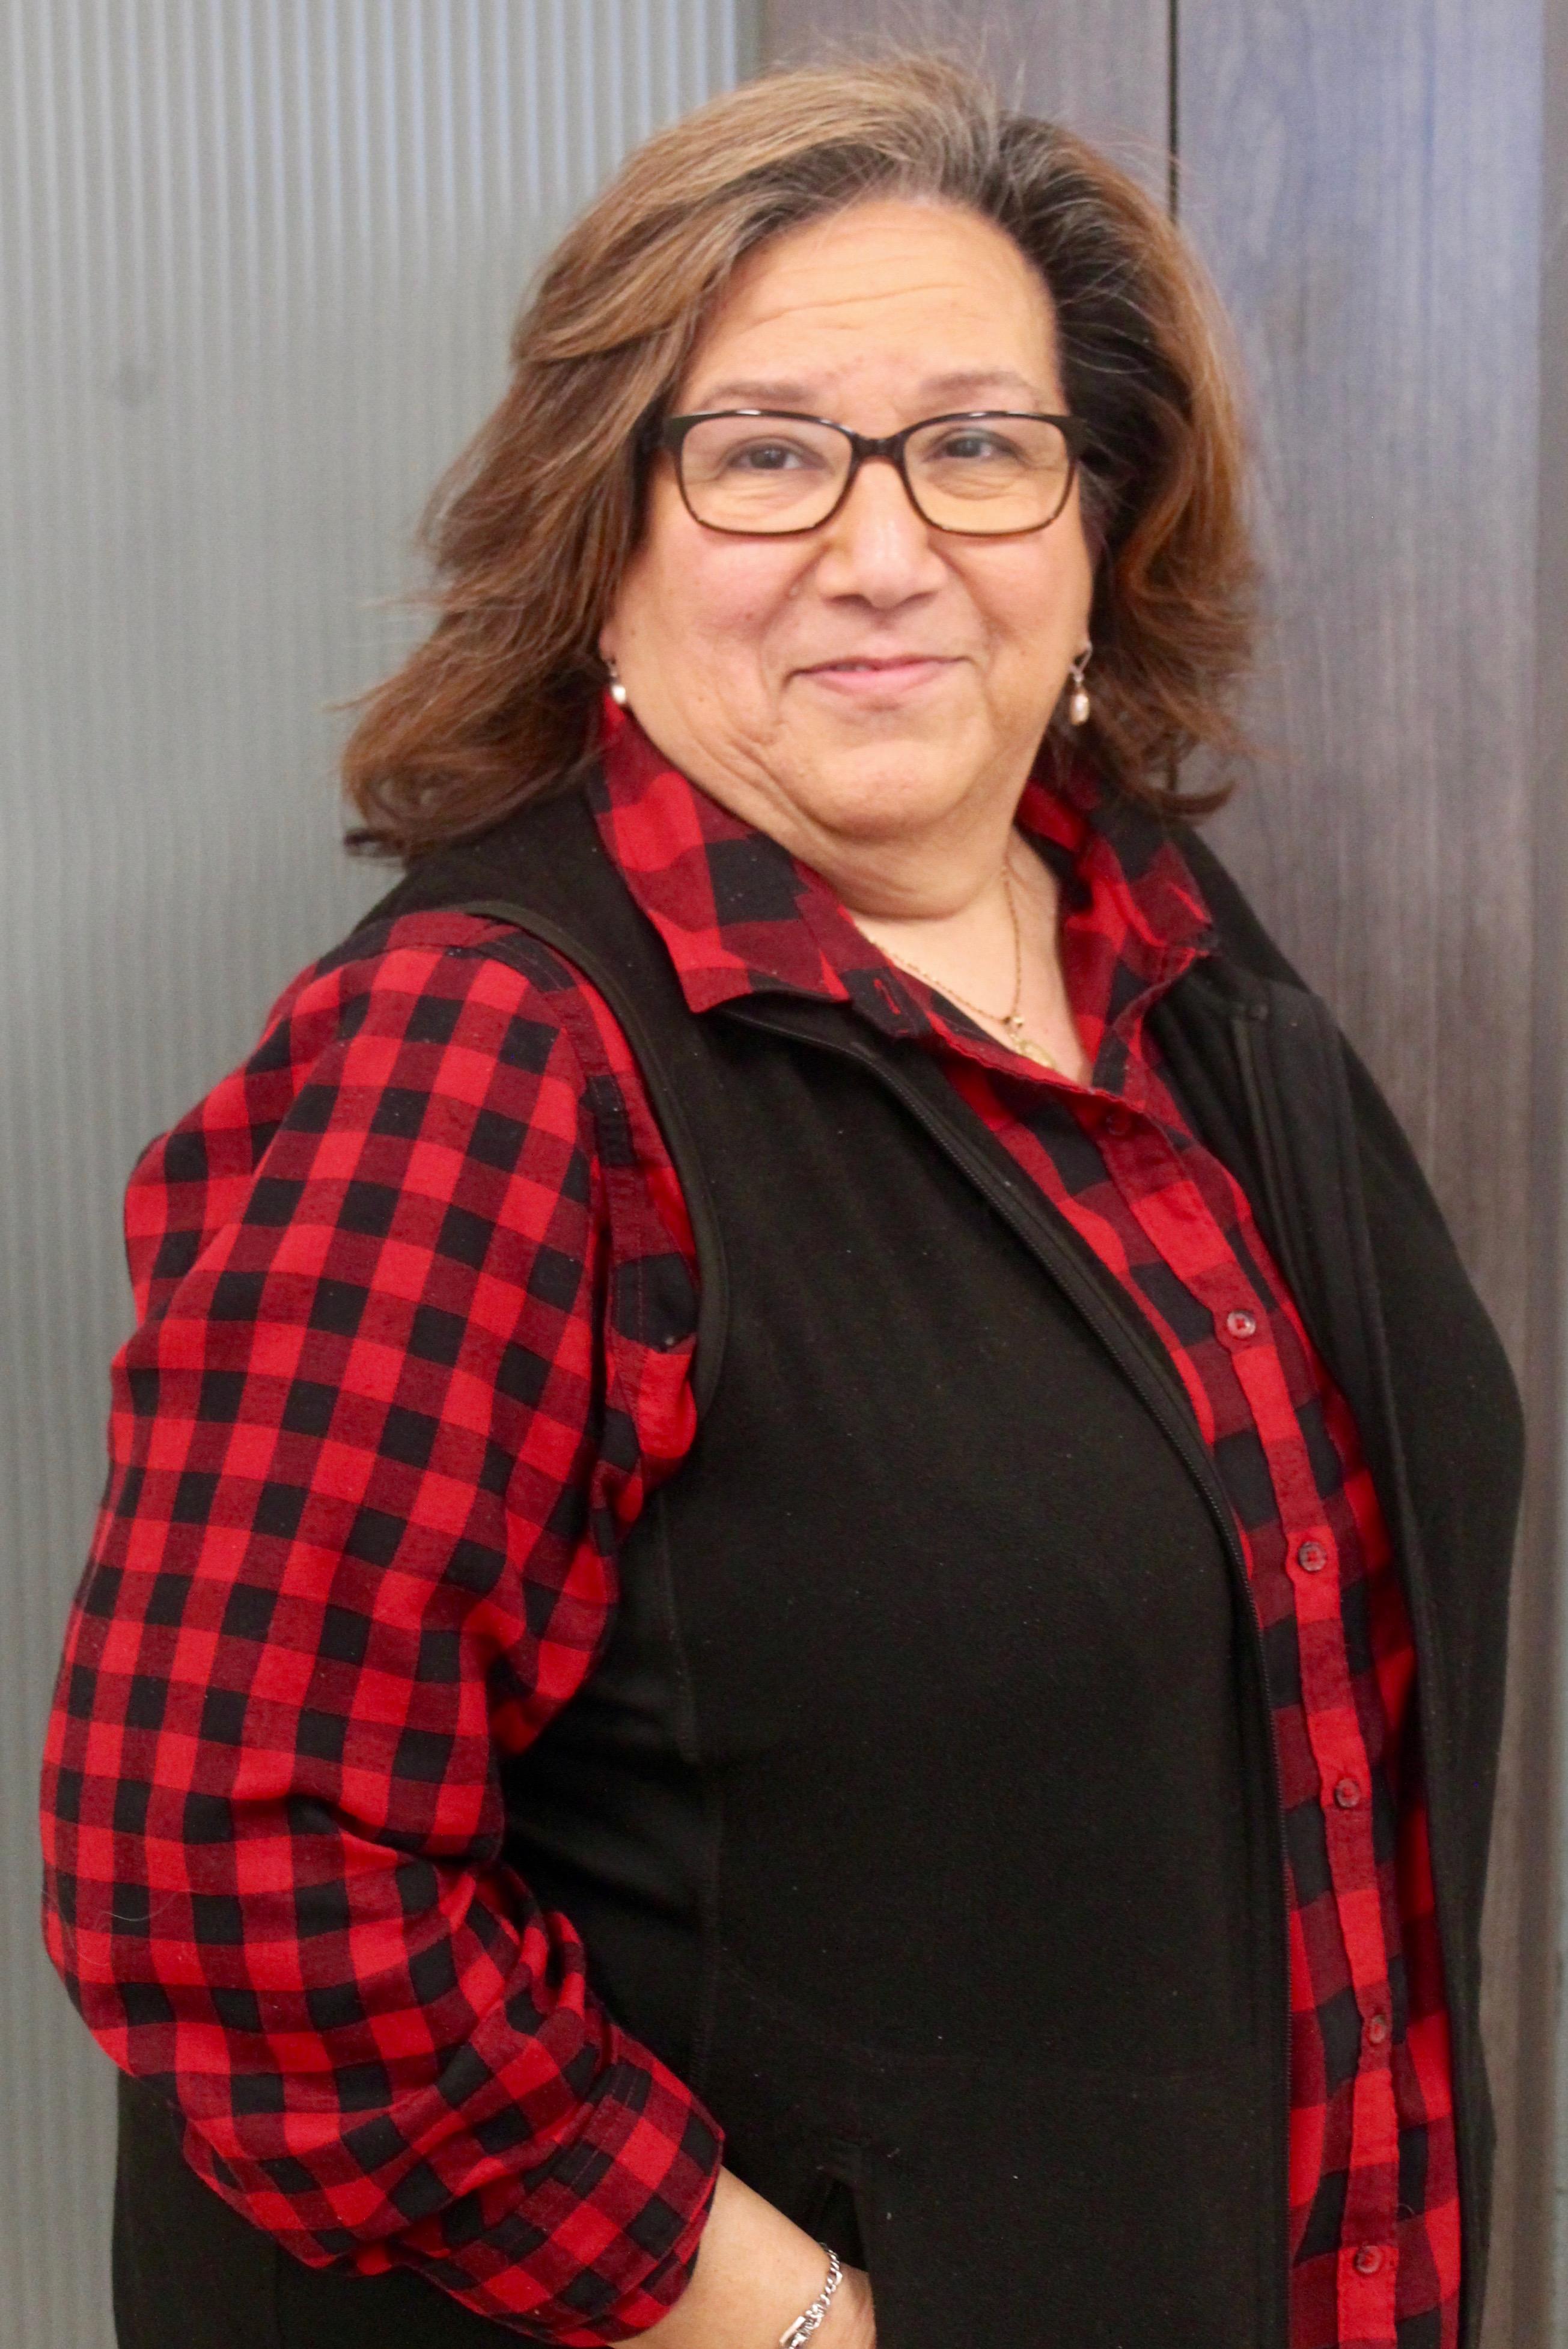 Virginia Suarez